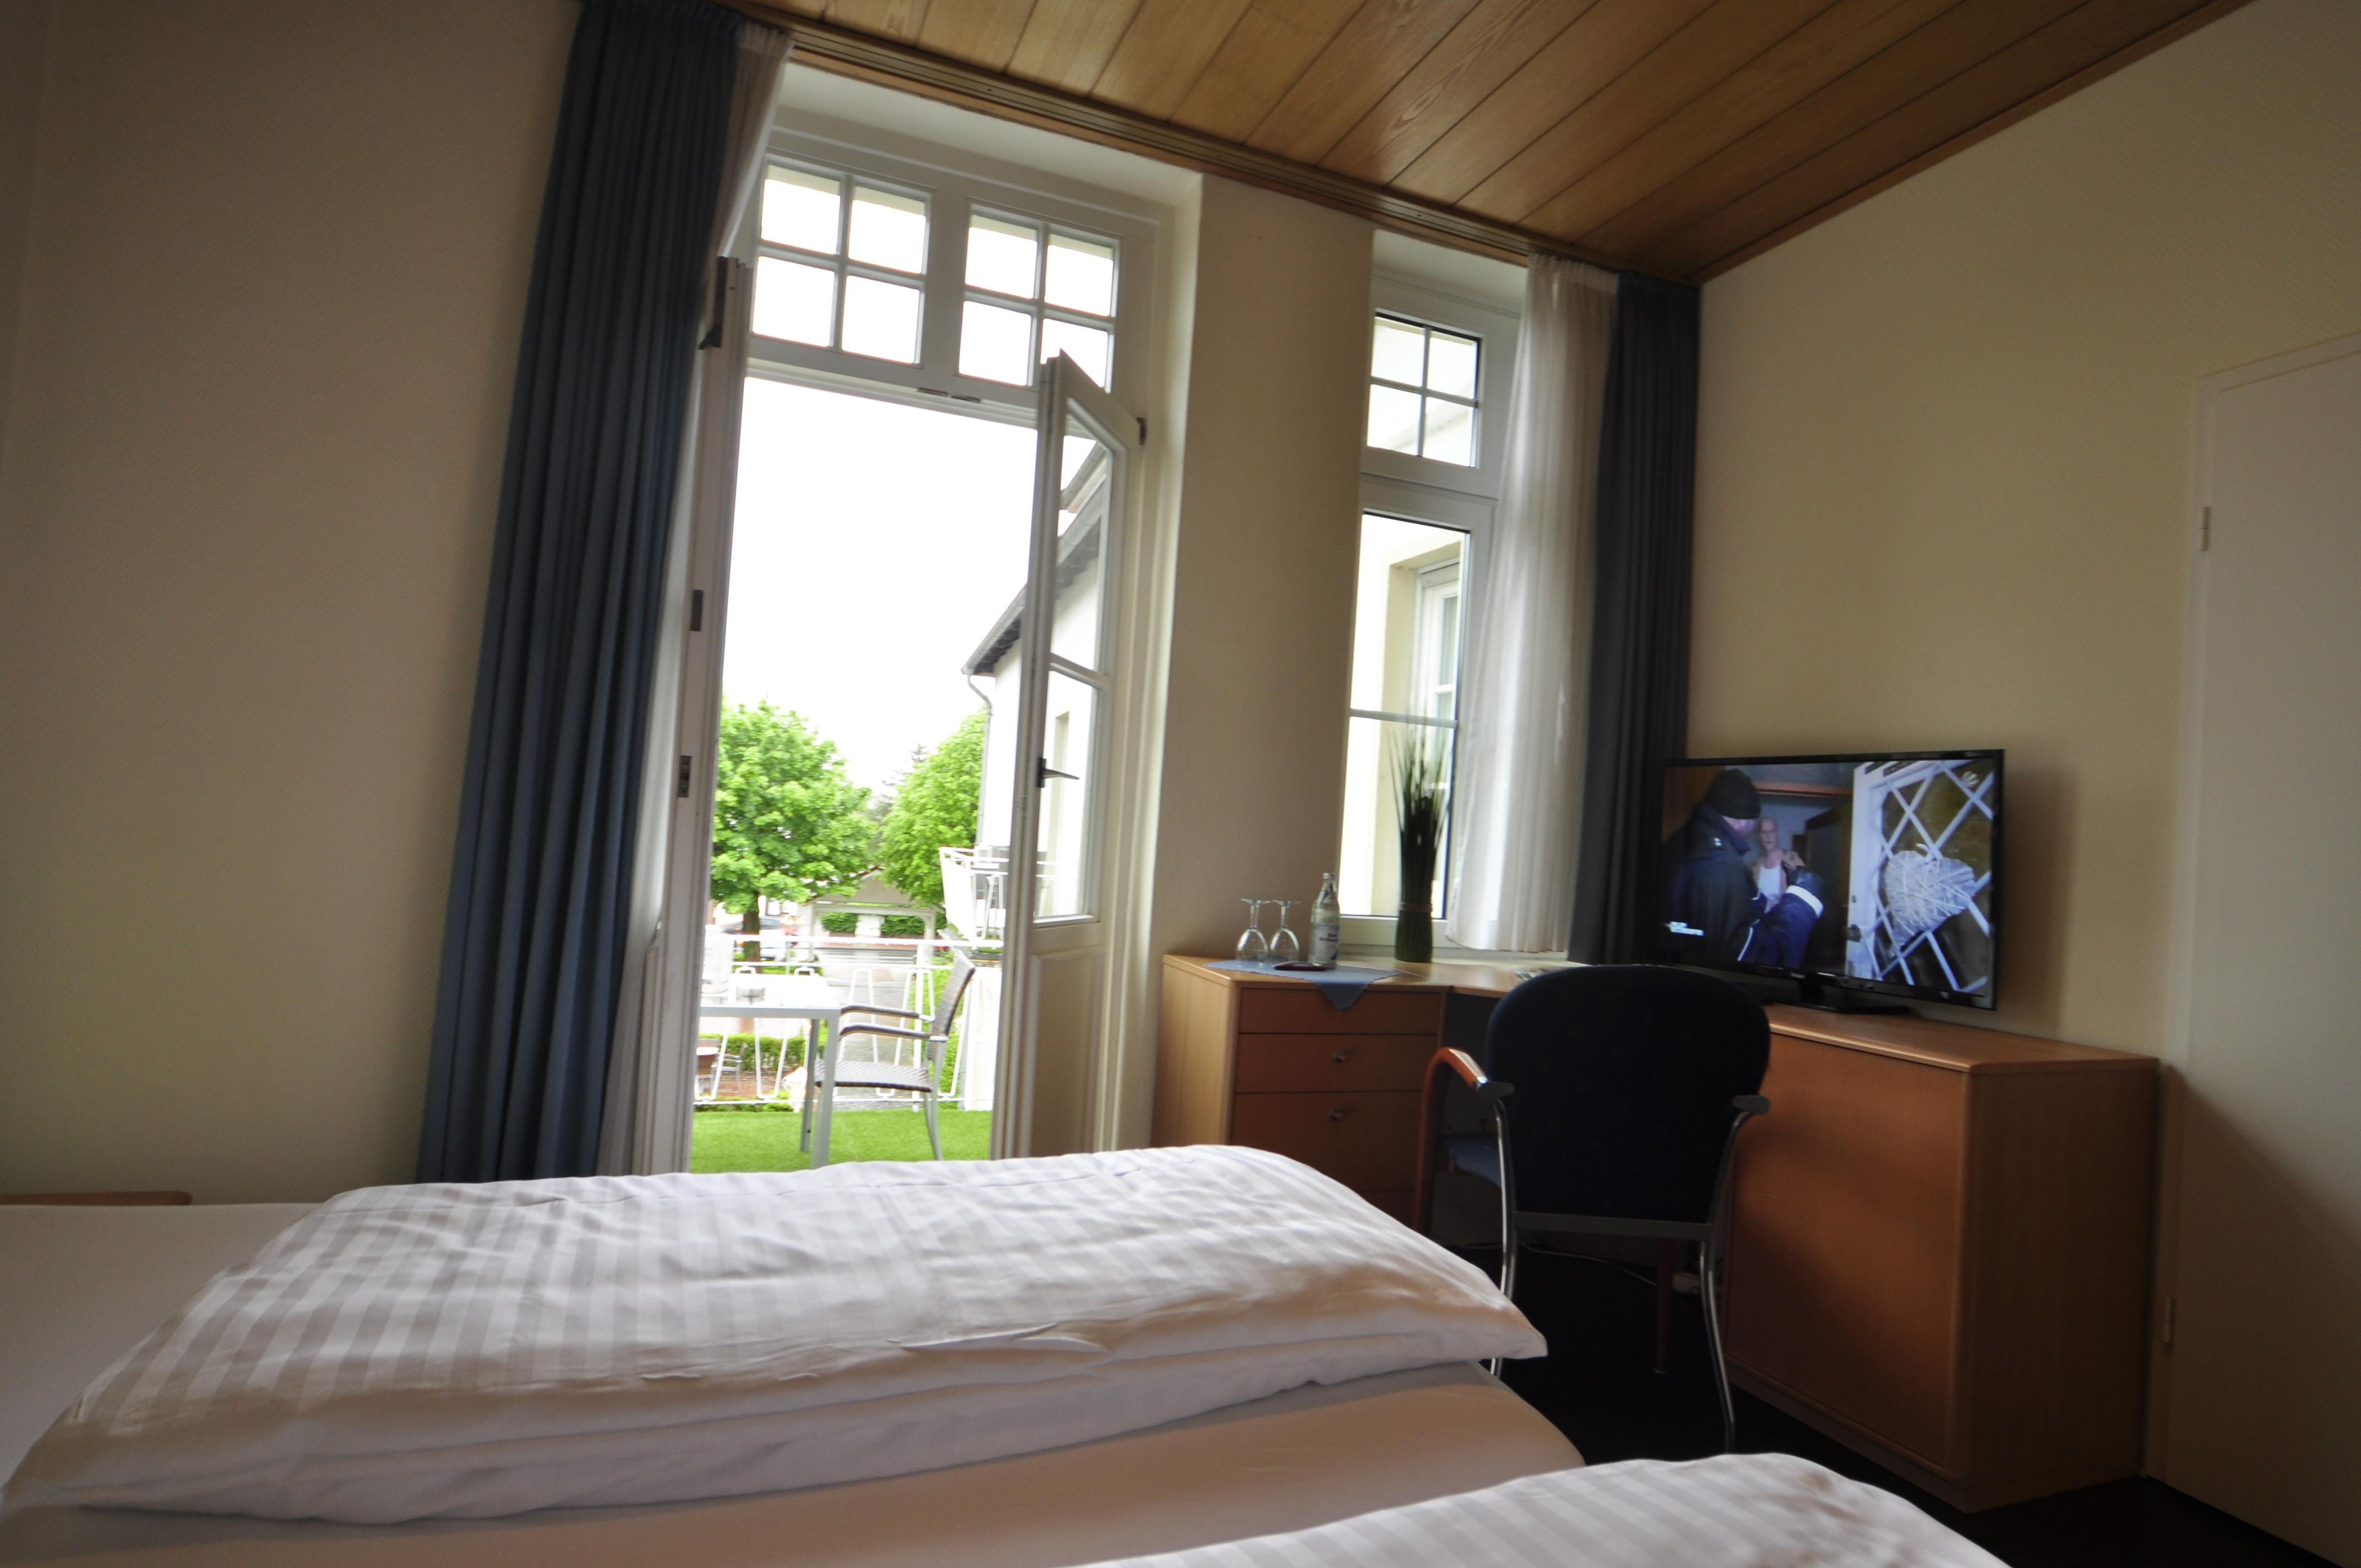 DZ Komfort + Hotel Riesenbeck (16)